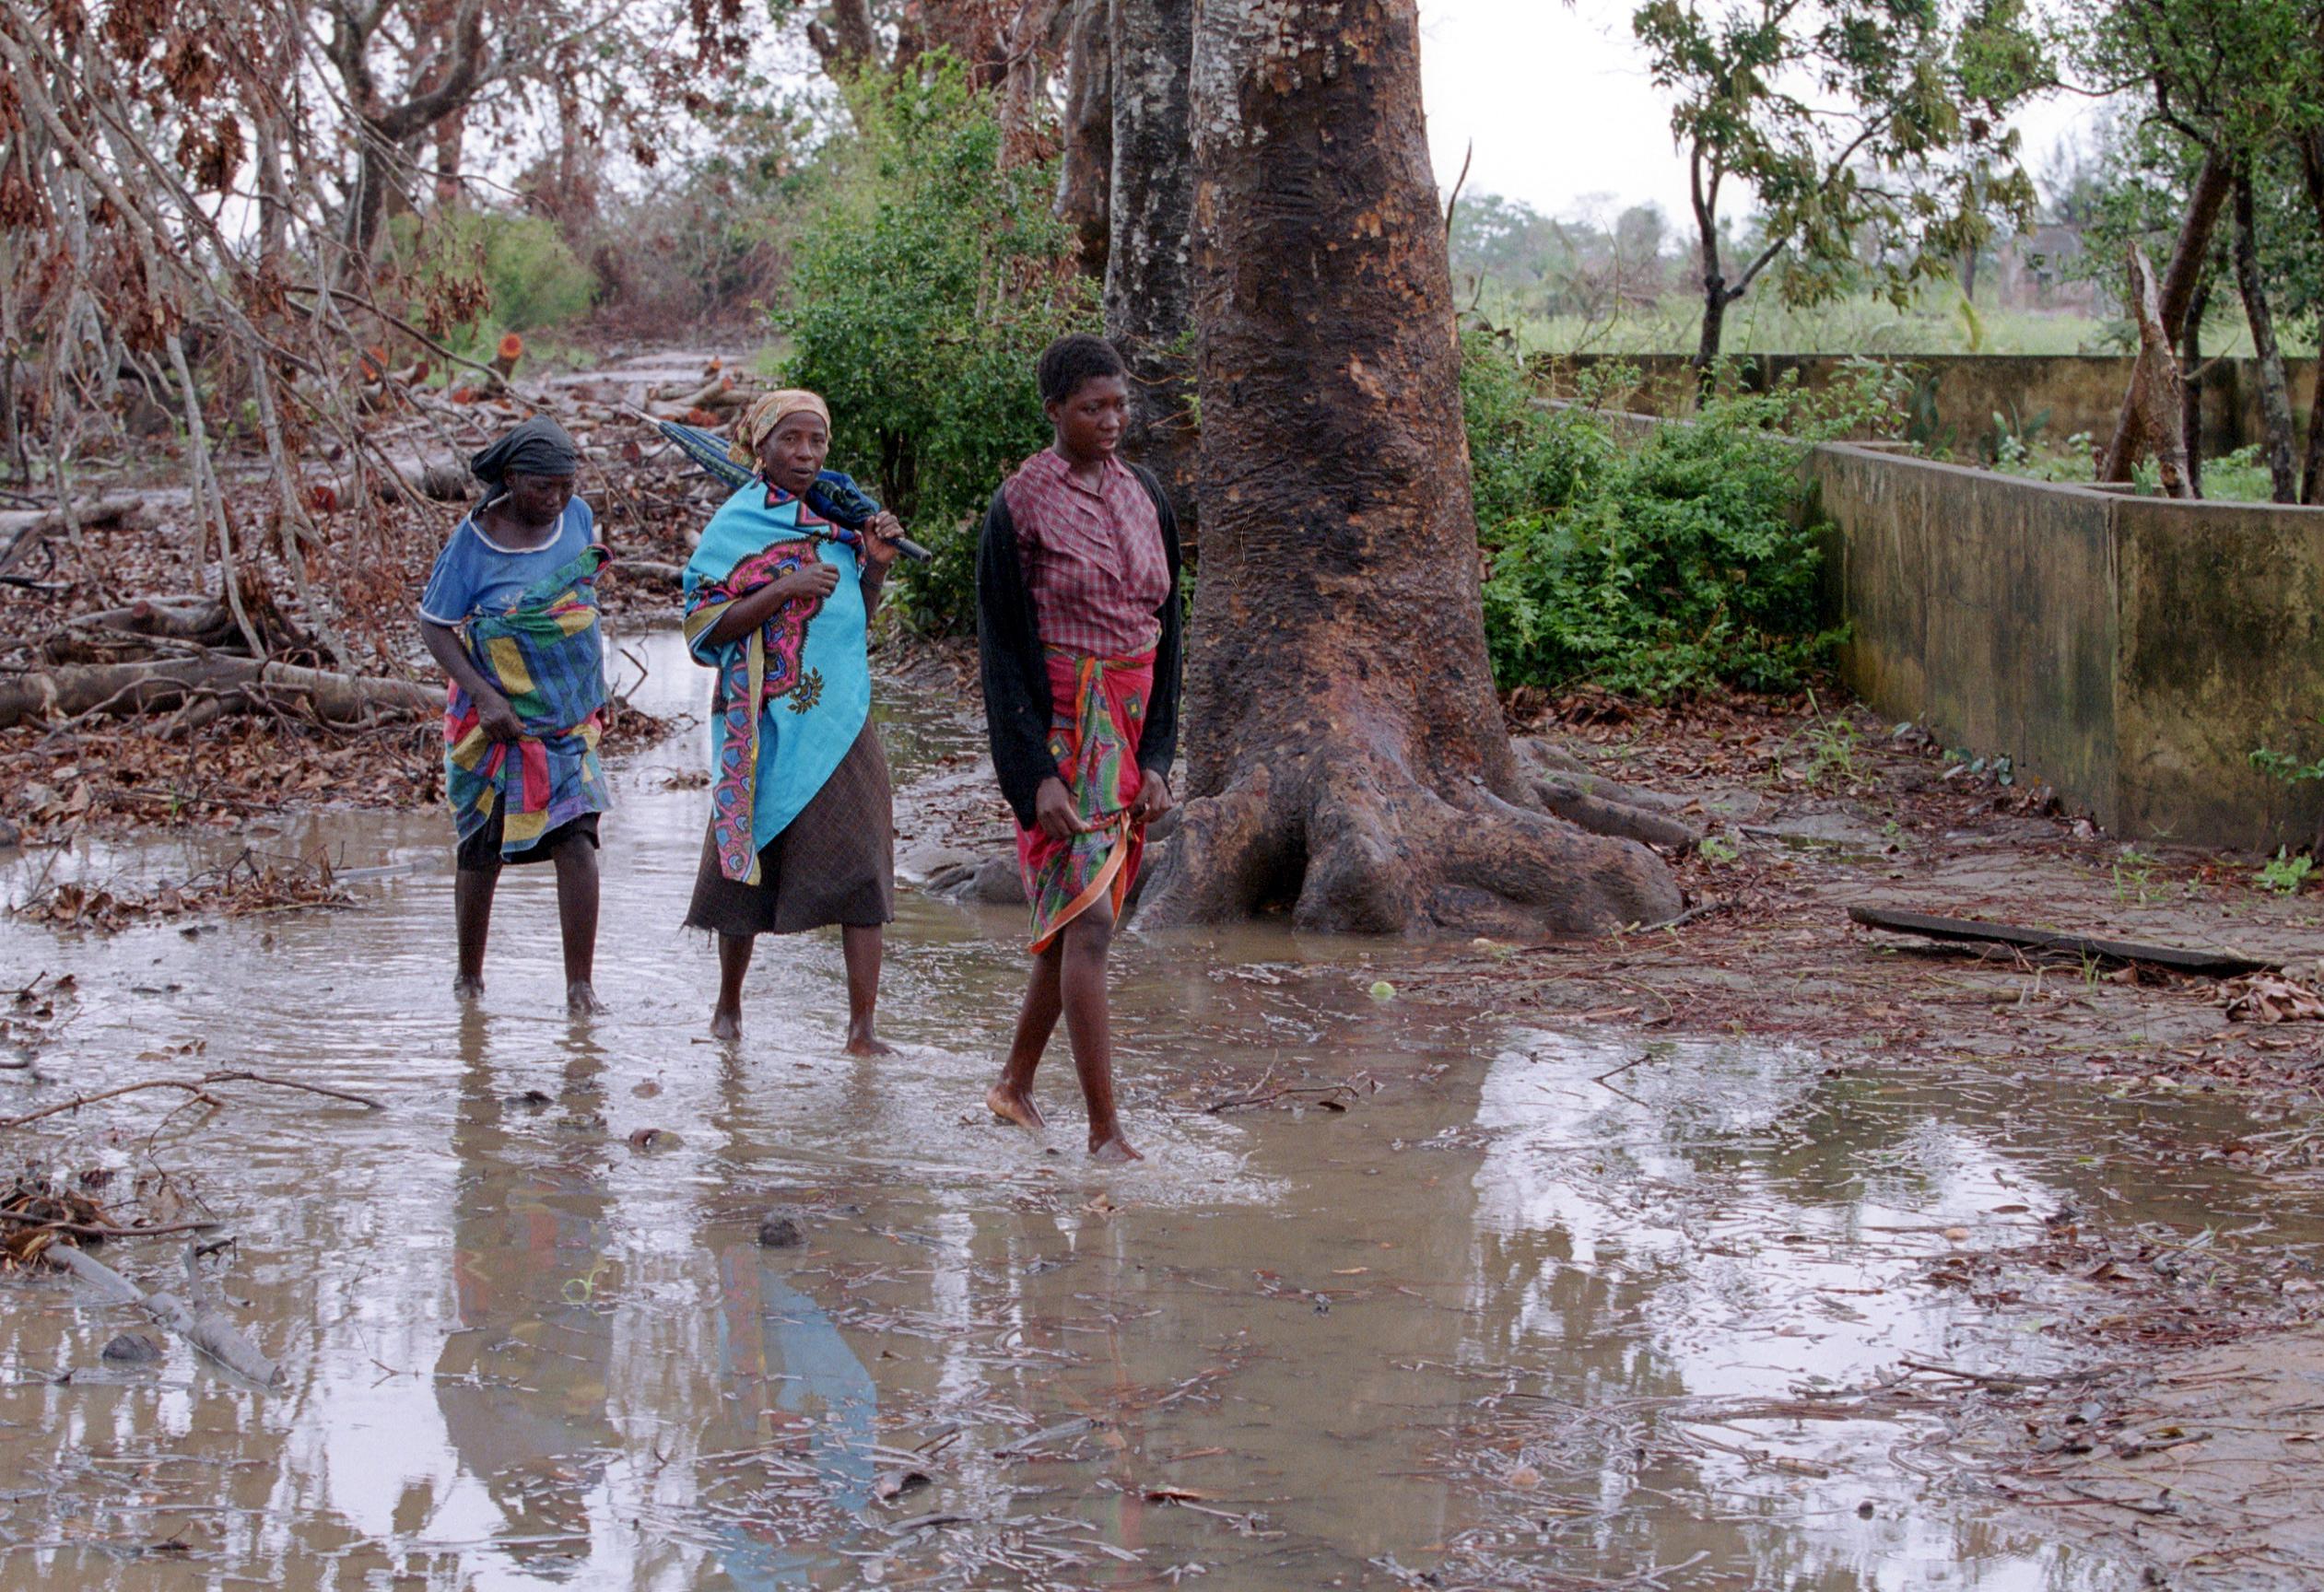 Überschwemmung in Mosambik, Frauen waten durch Wasser, dass einen Weg überflutet hat.